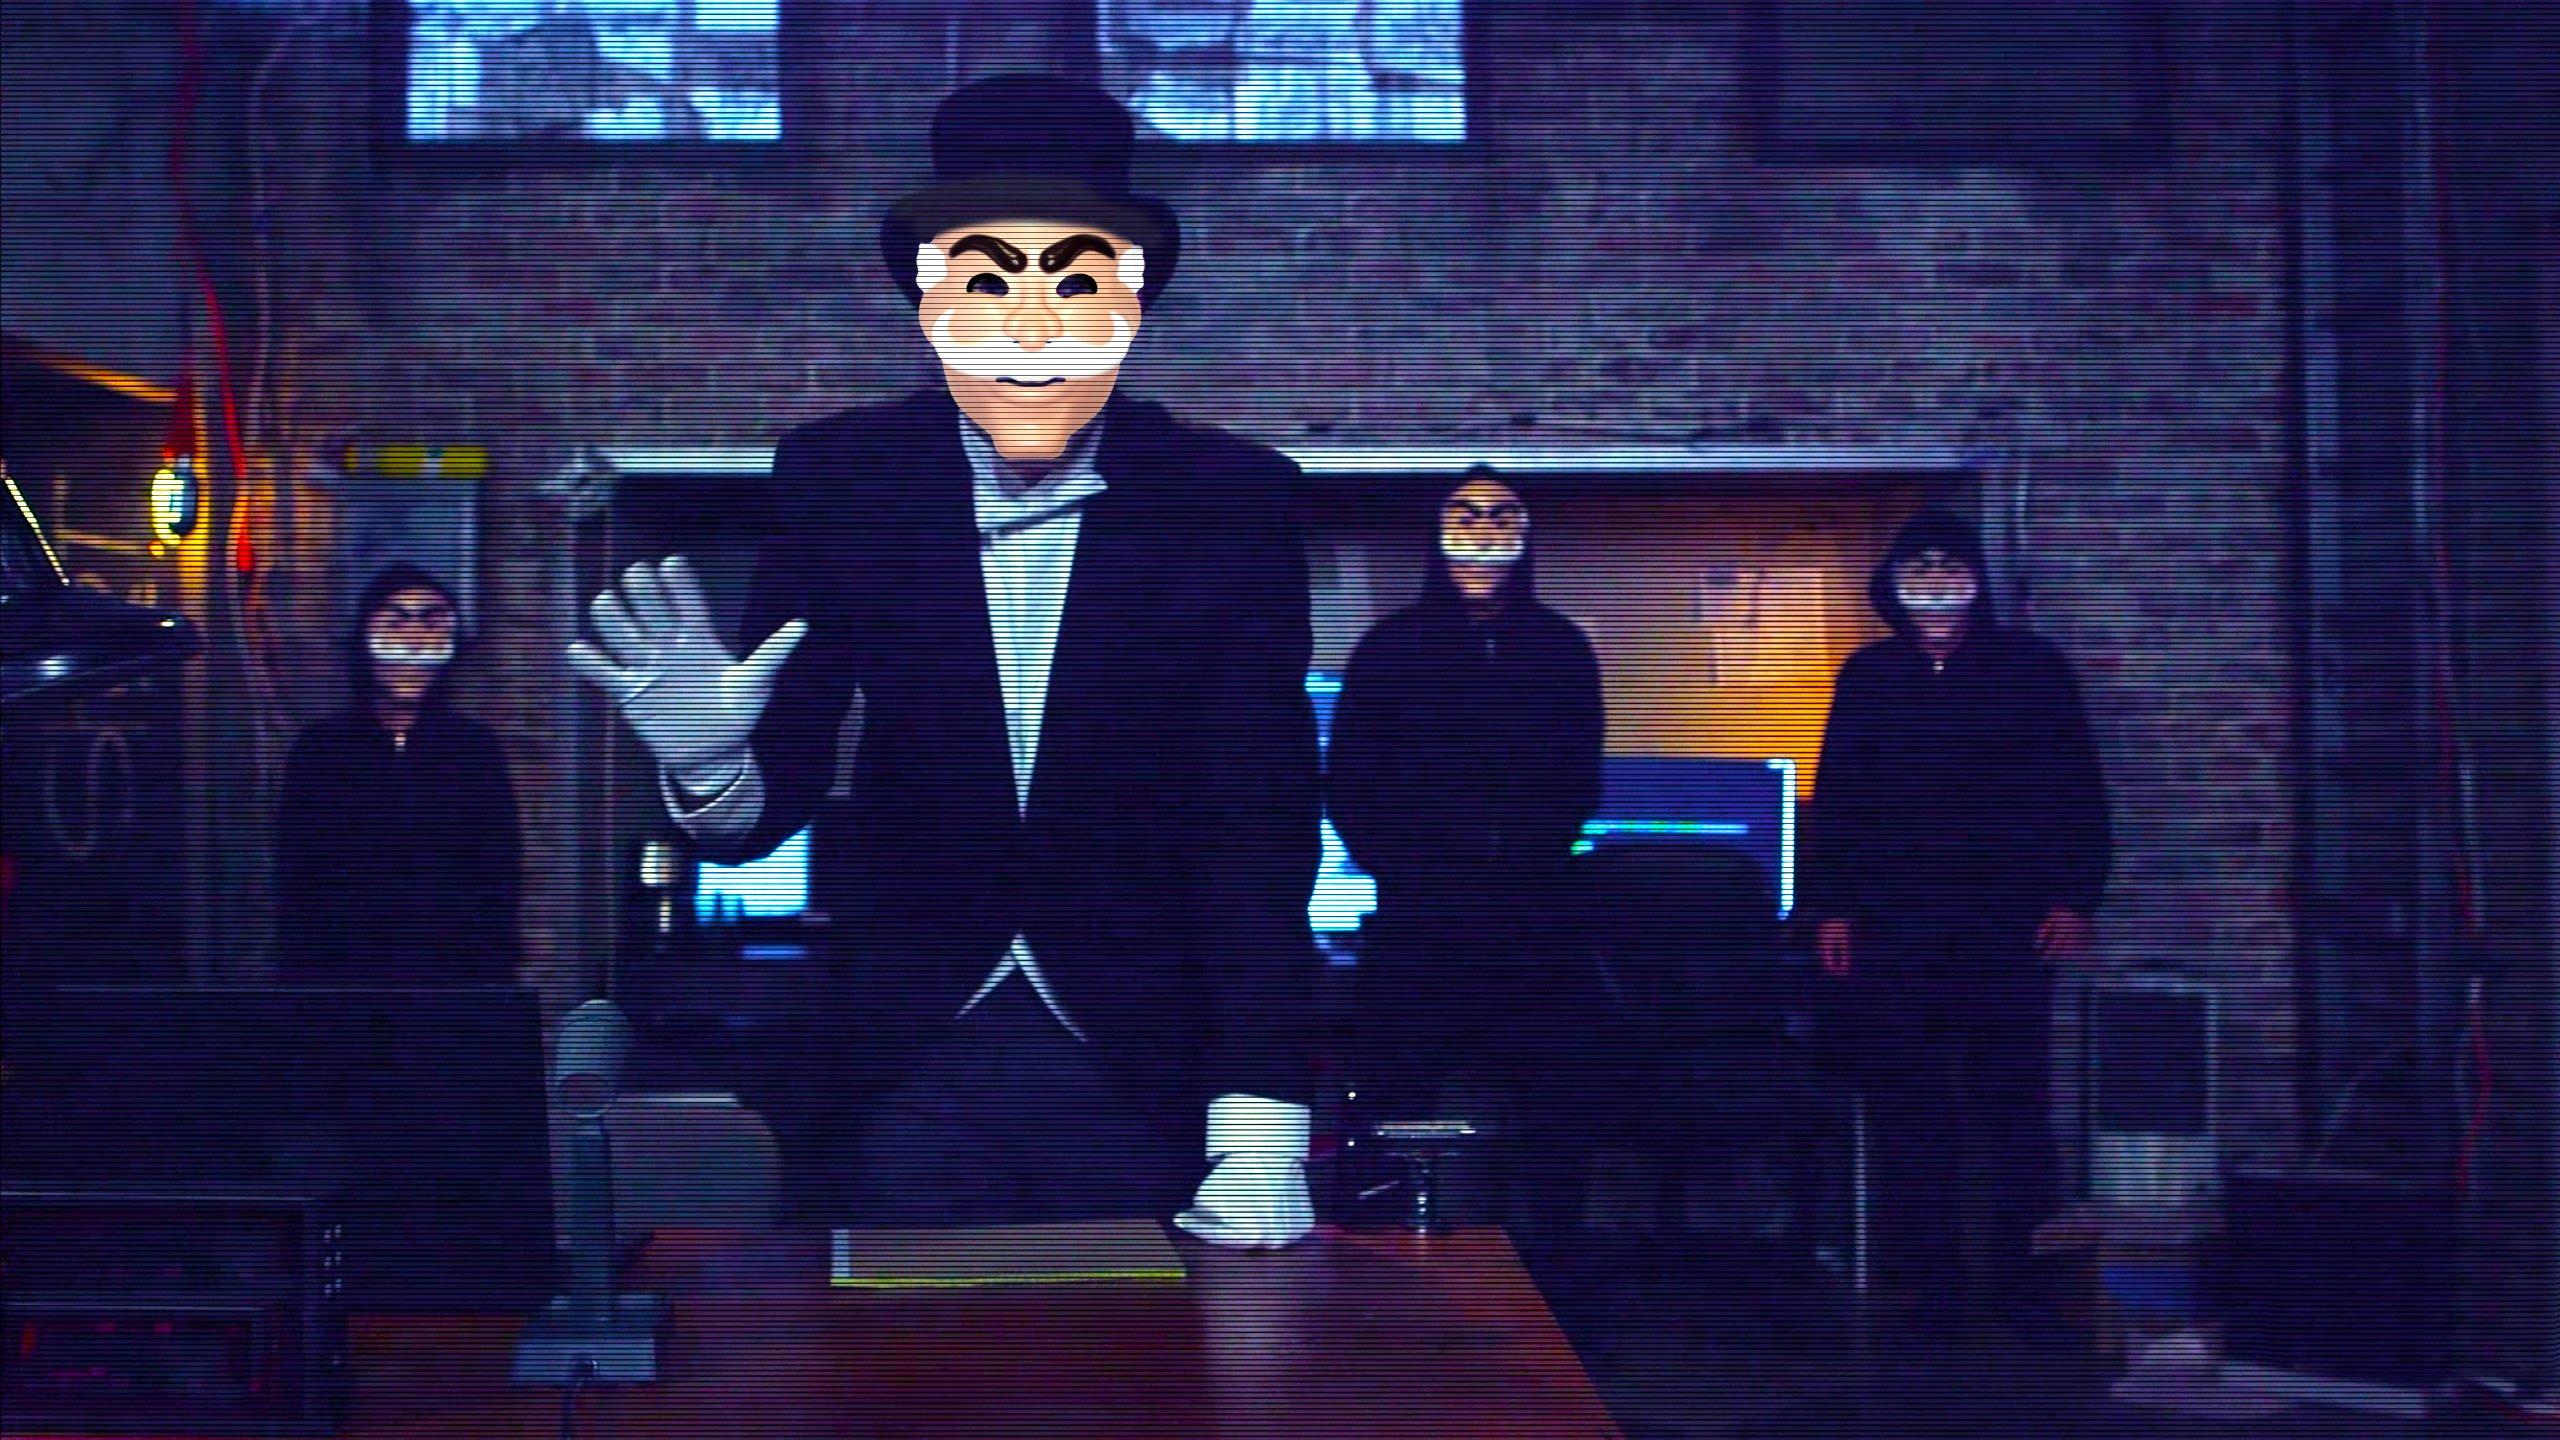 Mr Robot Fondo De Pantalla Hd Fondo De Escritorio